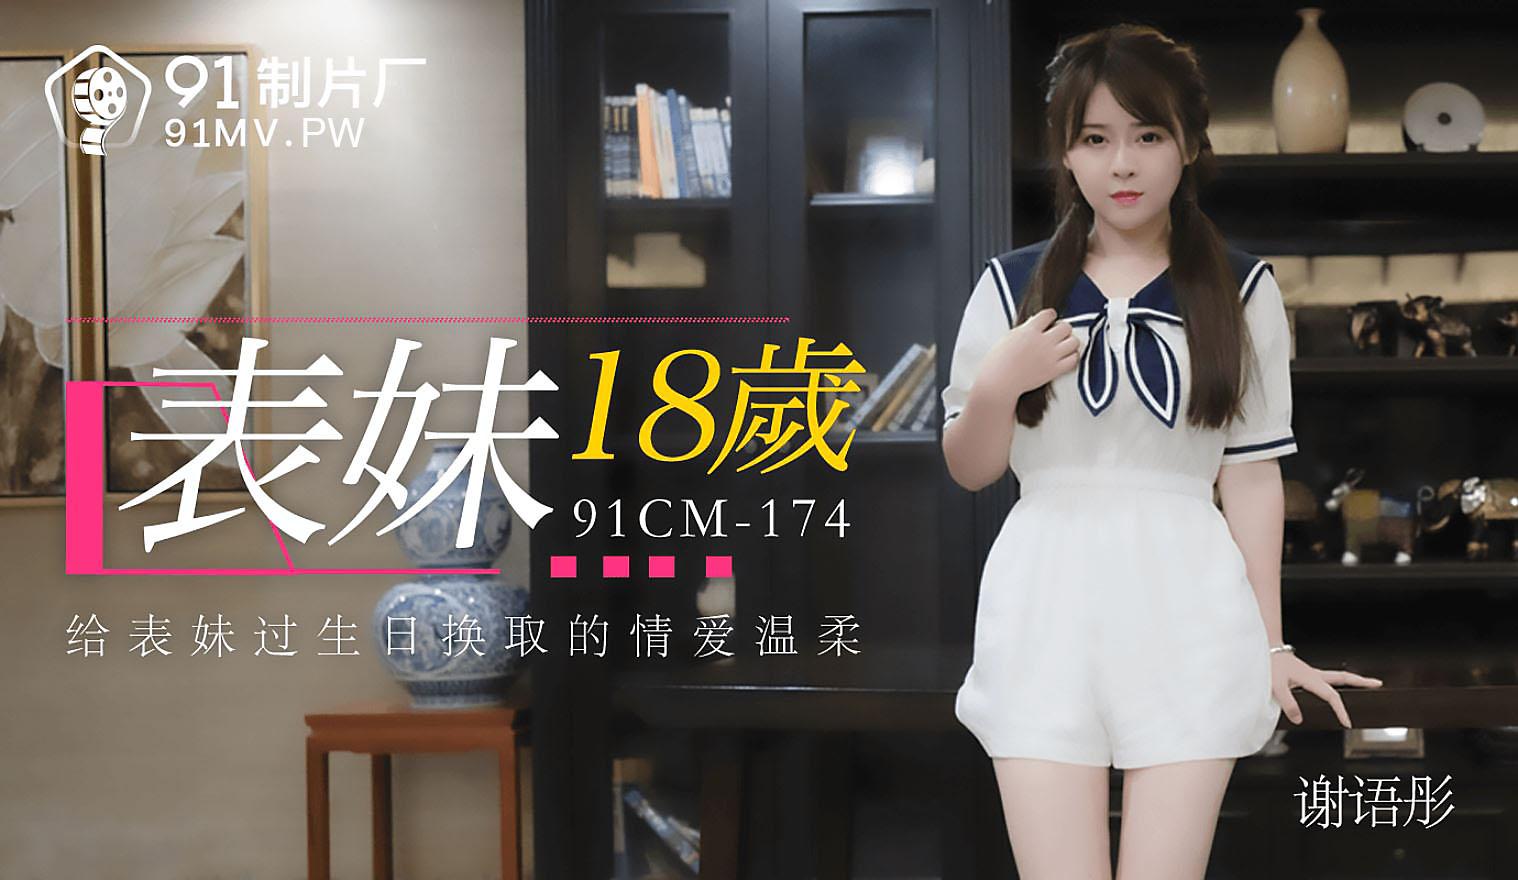 91CM-174.谢语彤.表妹18岁.给表妹过生日换取的情爱温柔.91制片厂